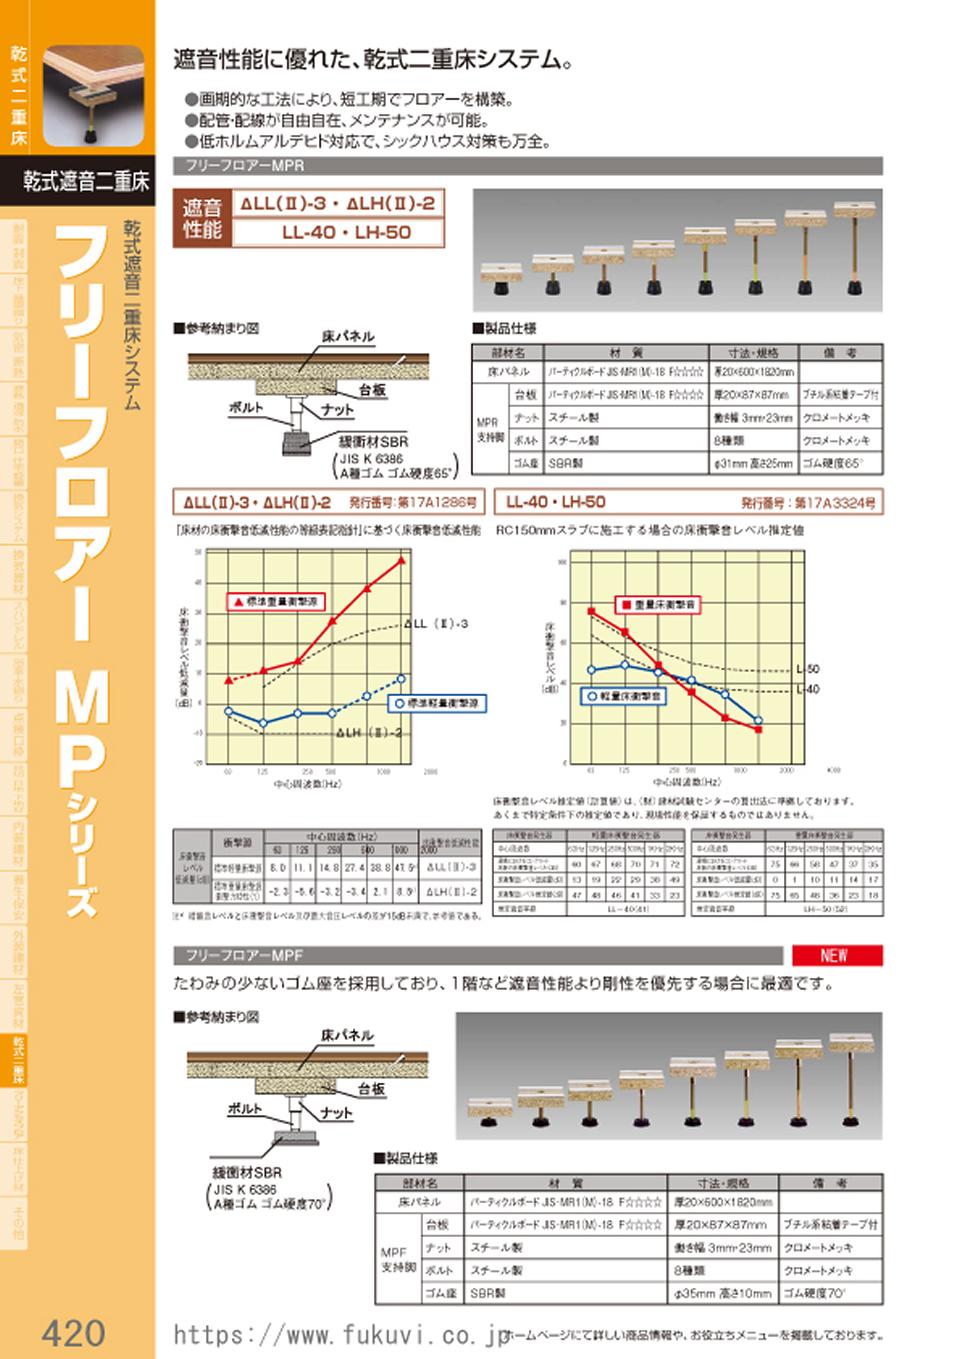 乾式二重床 乾式二重床システム フリーフロア―MPシリーズ